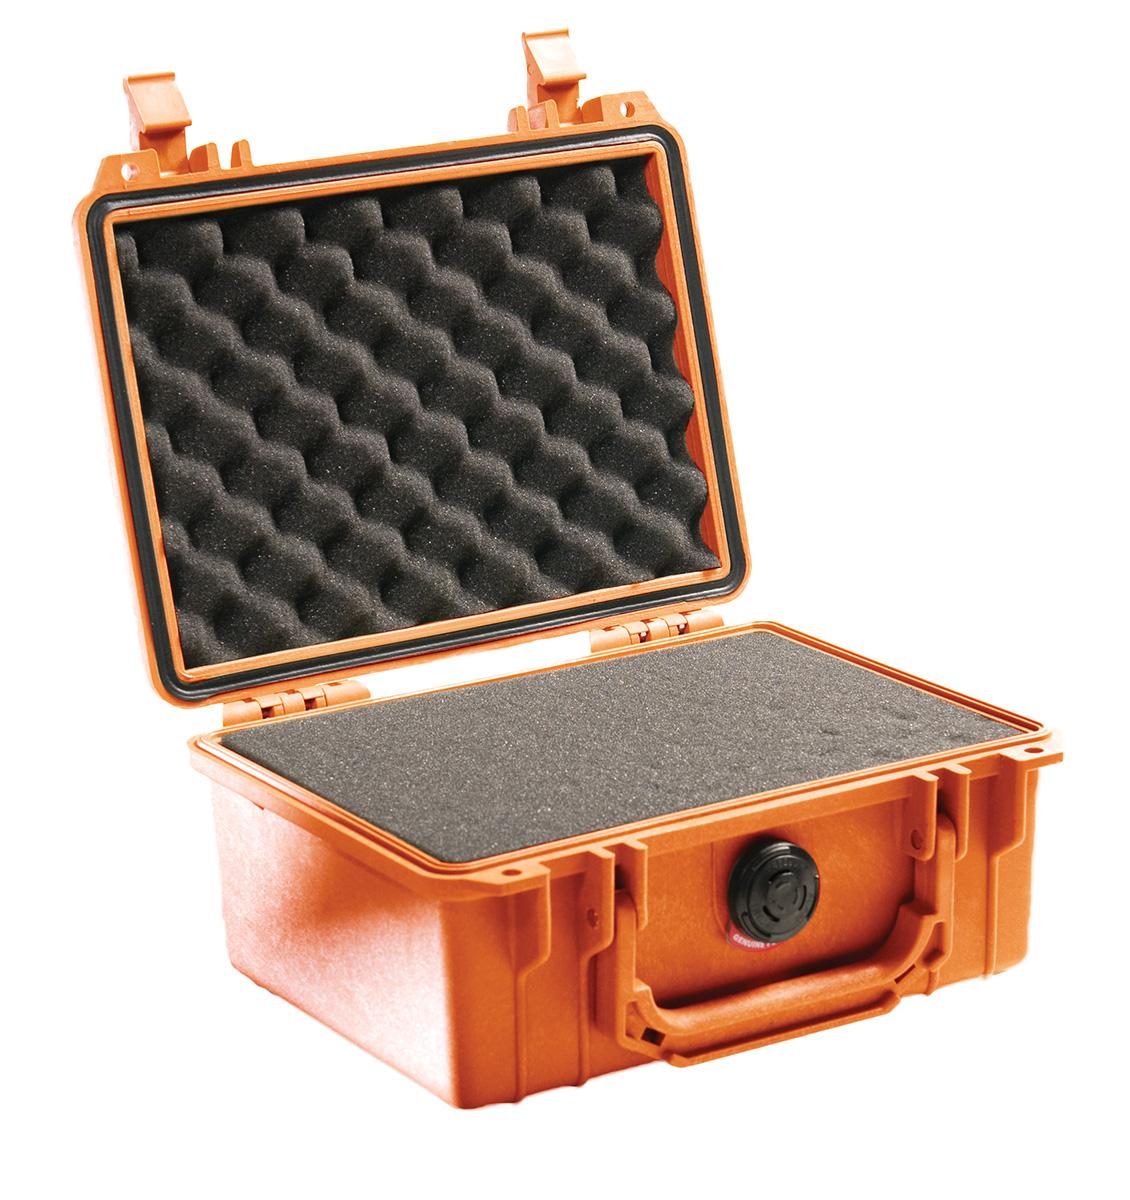 pelican 1150 orange foam dustproof case